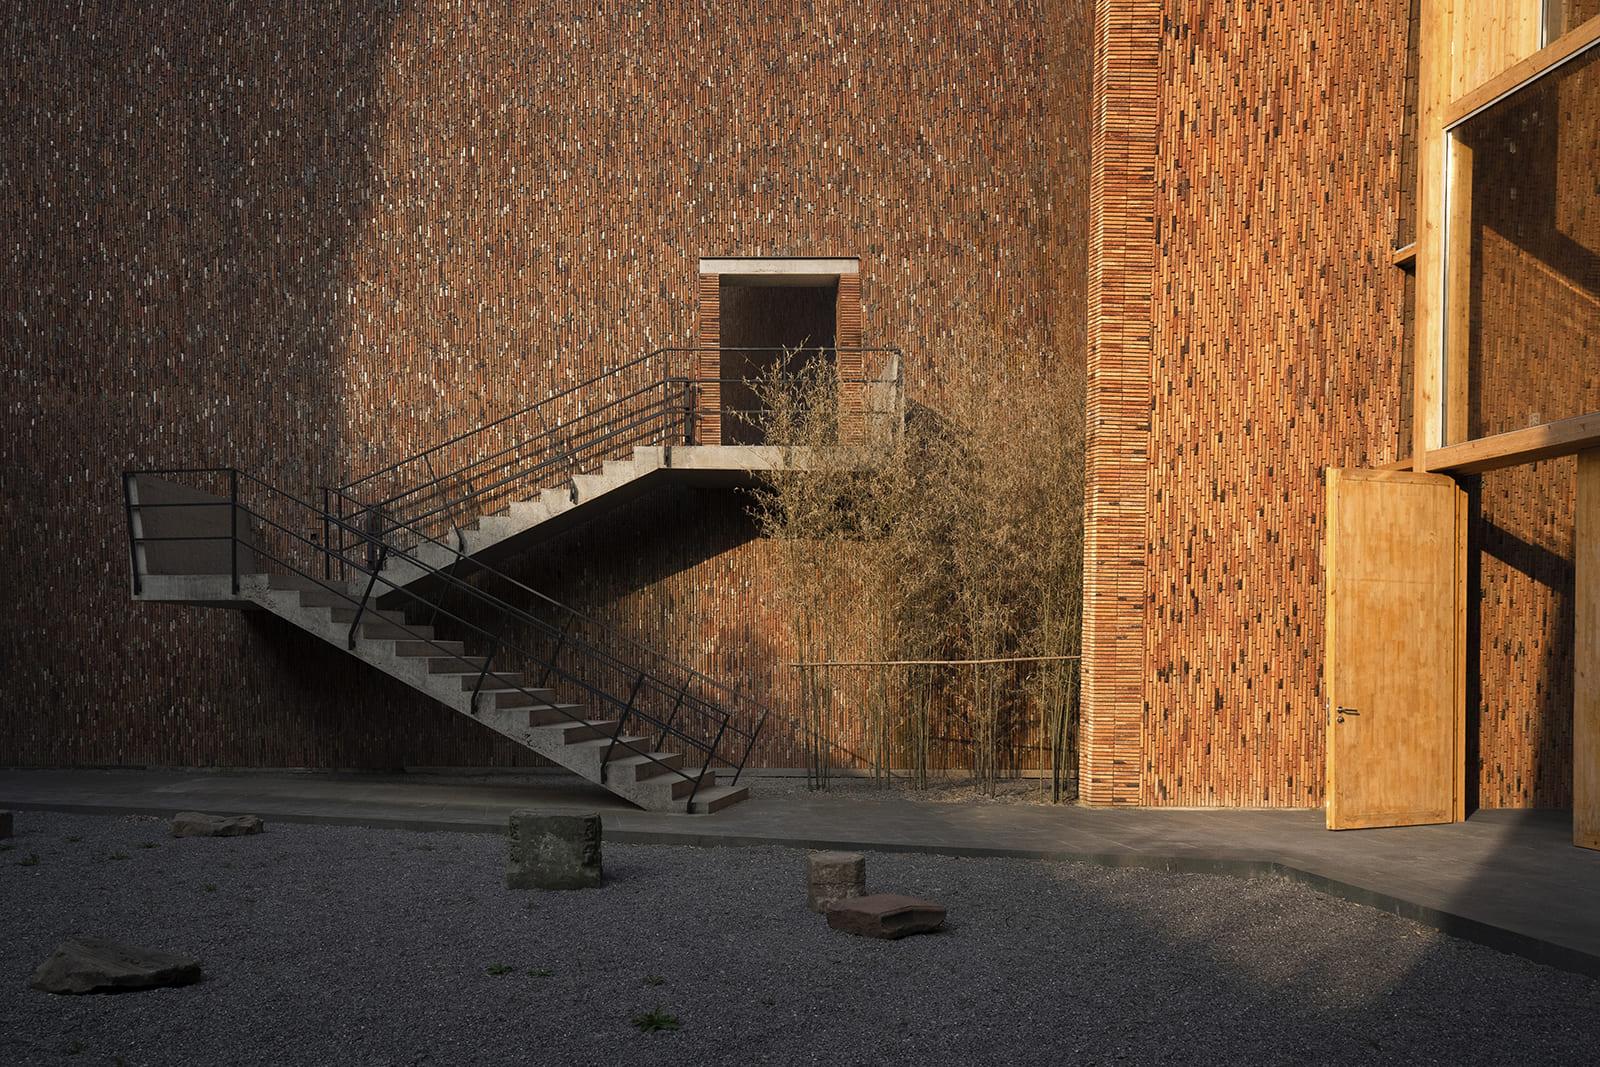 Imperial Kiln Museum in Jingdezhen  - 13 ©Zhang Qinquan 1 63